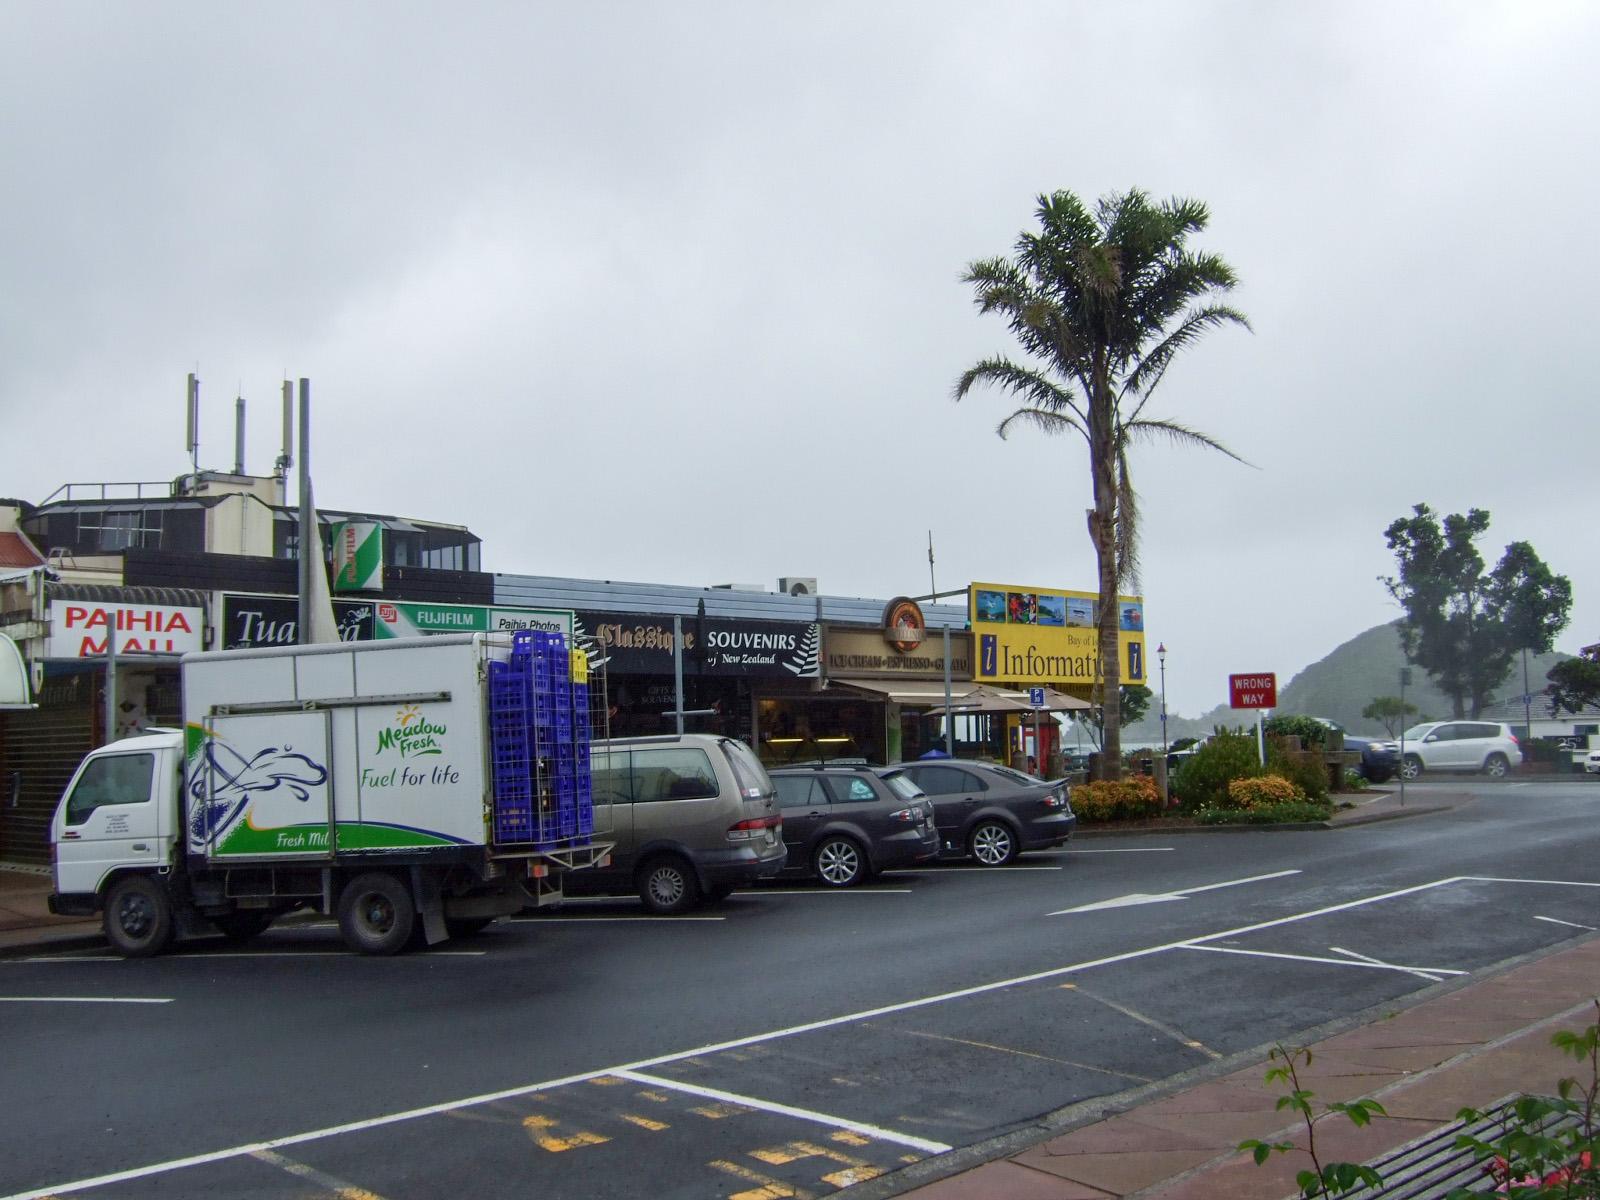 パイヒア,ショップ,駐車場,NZ〈著作権フリー無料画像〉Free Stock Photos